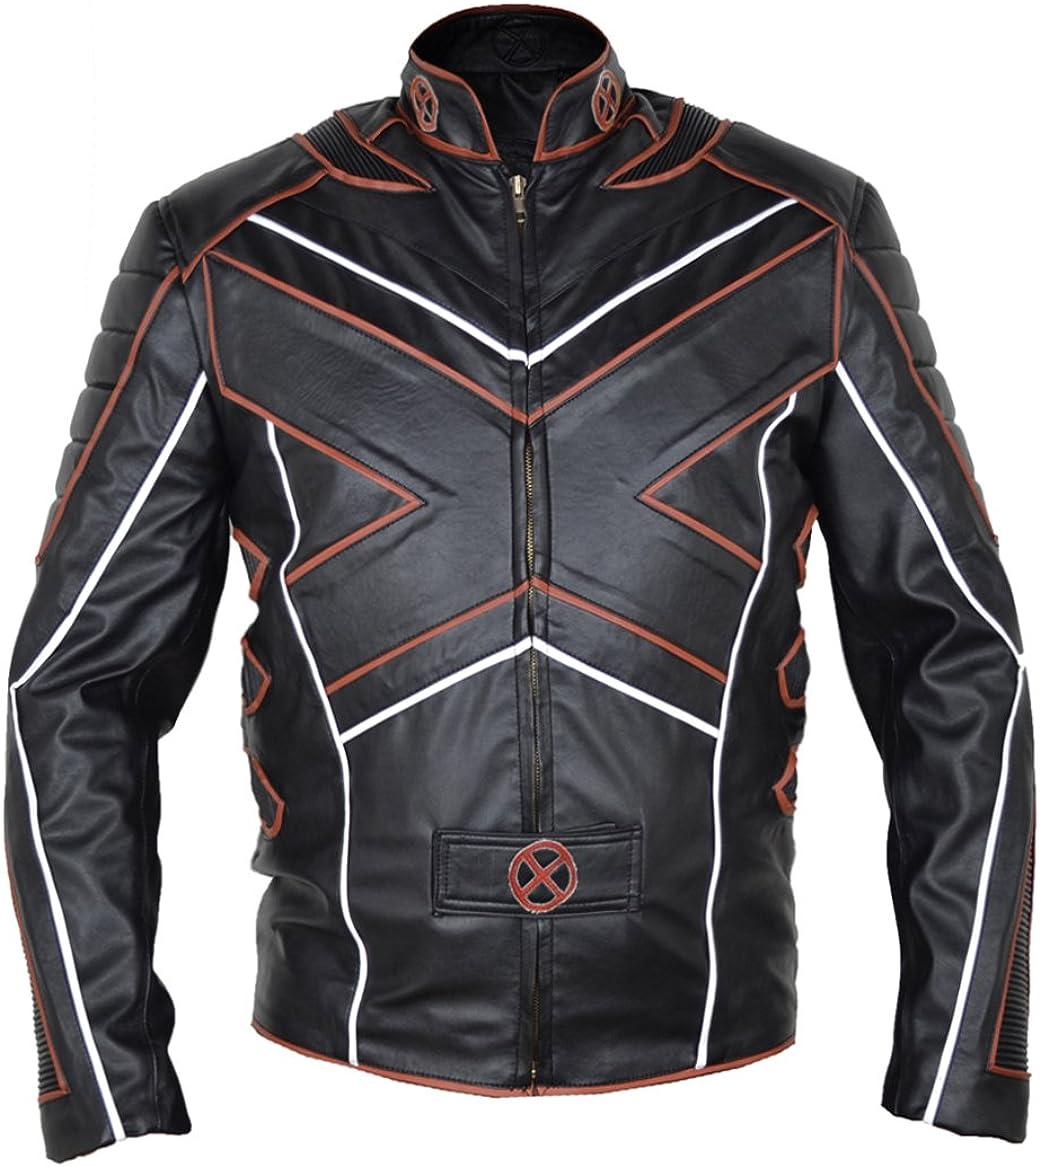 MSHC Men's X-Men Big X Faux Leather Jacket Sizes XXS-5XL Black & Orange